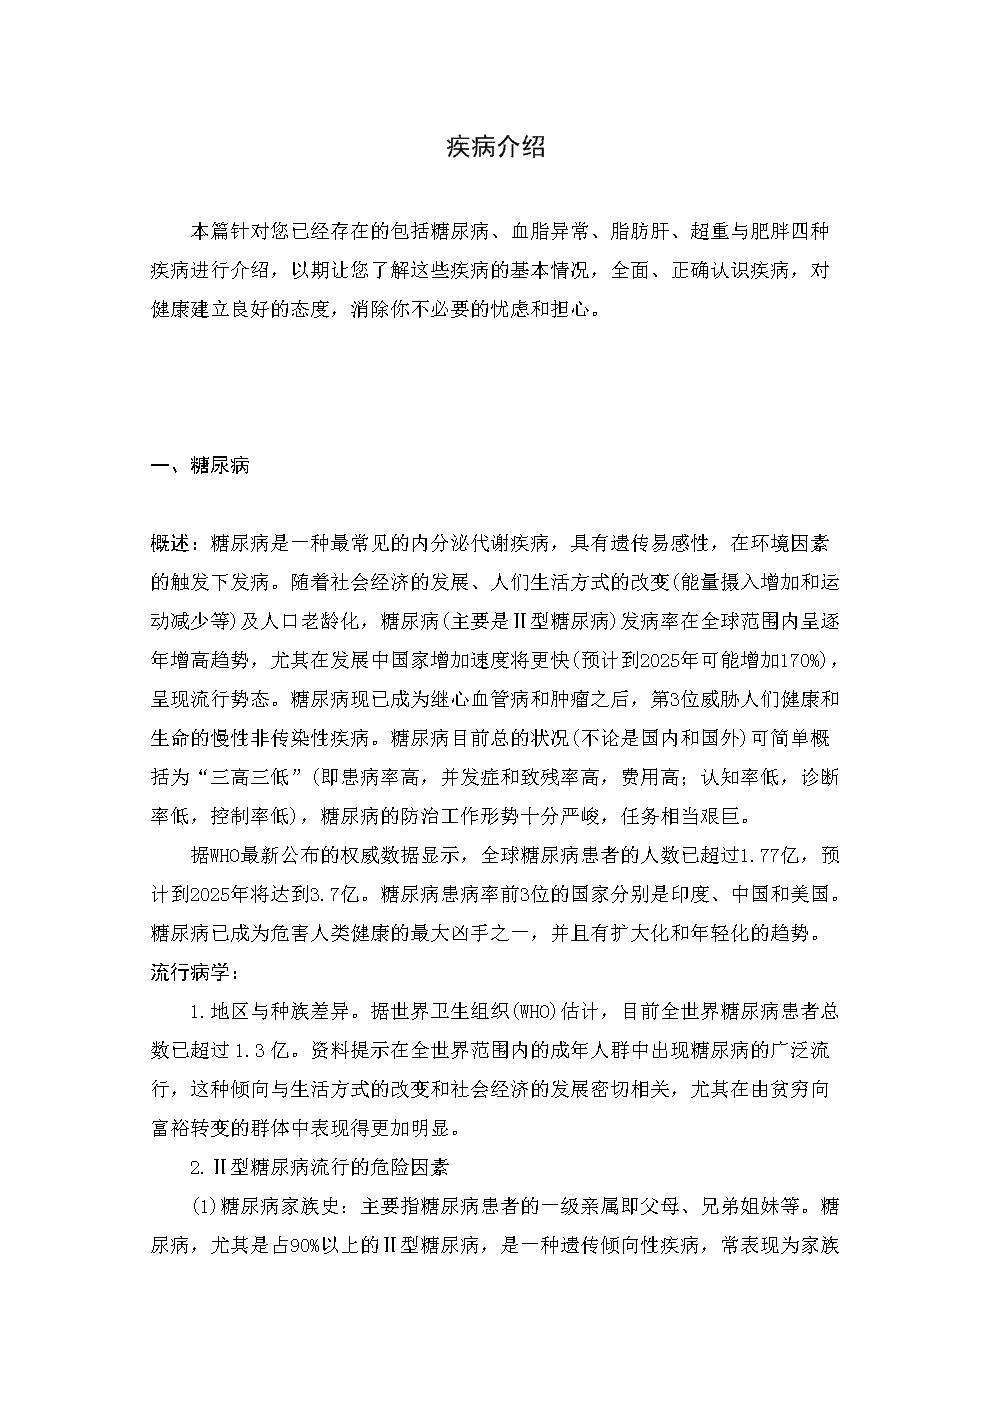 糖尿病-脂肪肝-高血脂介绍.doc